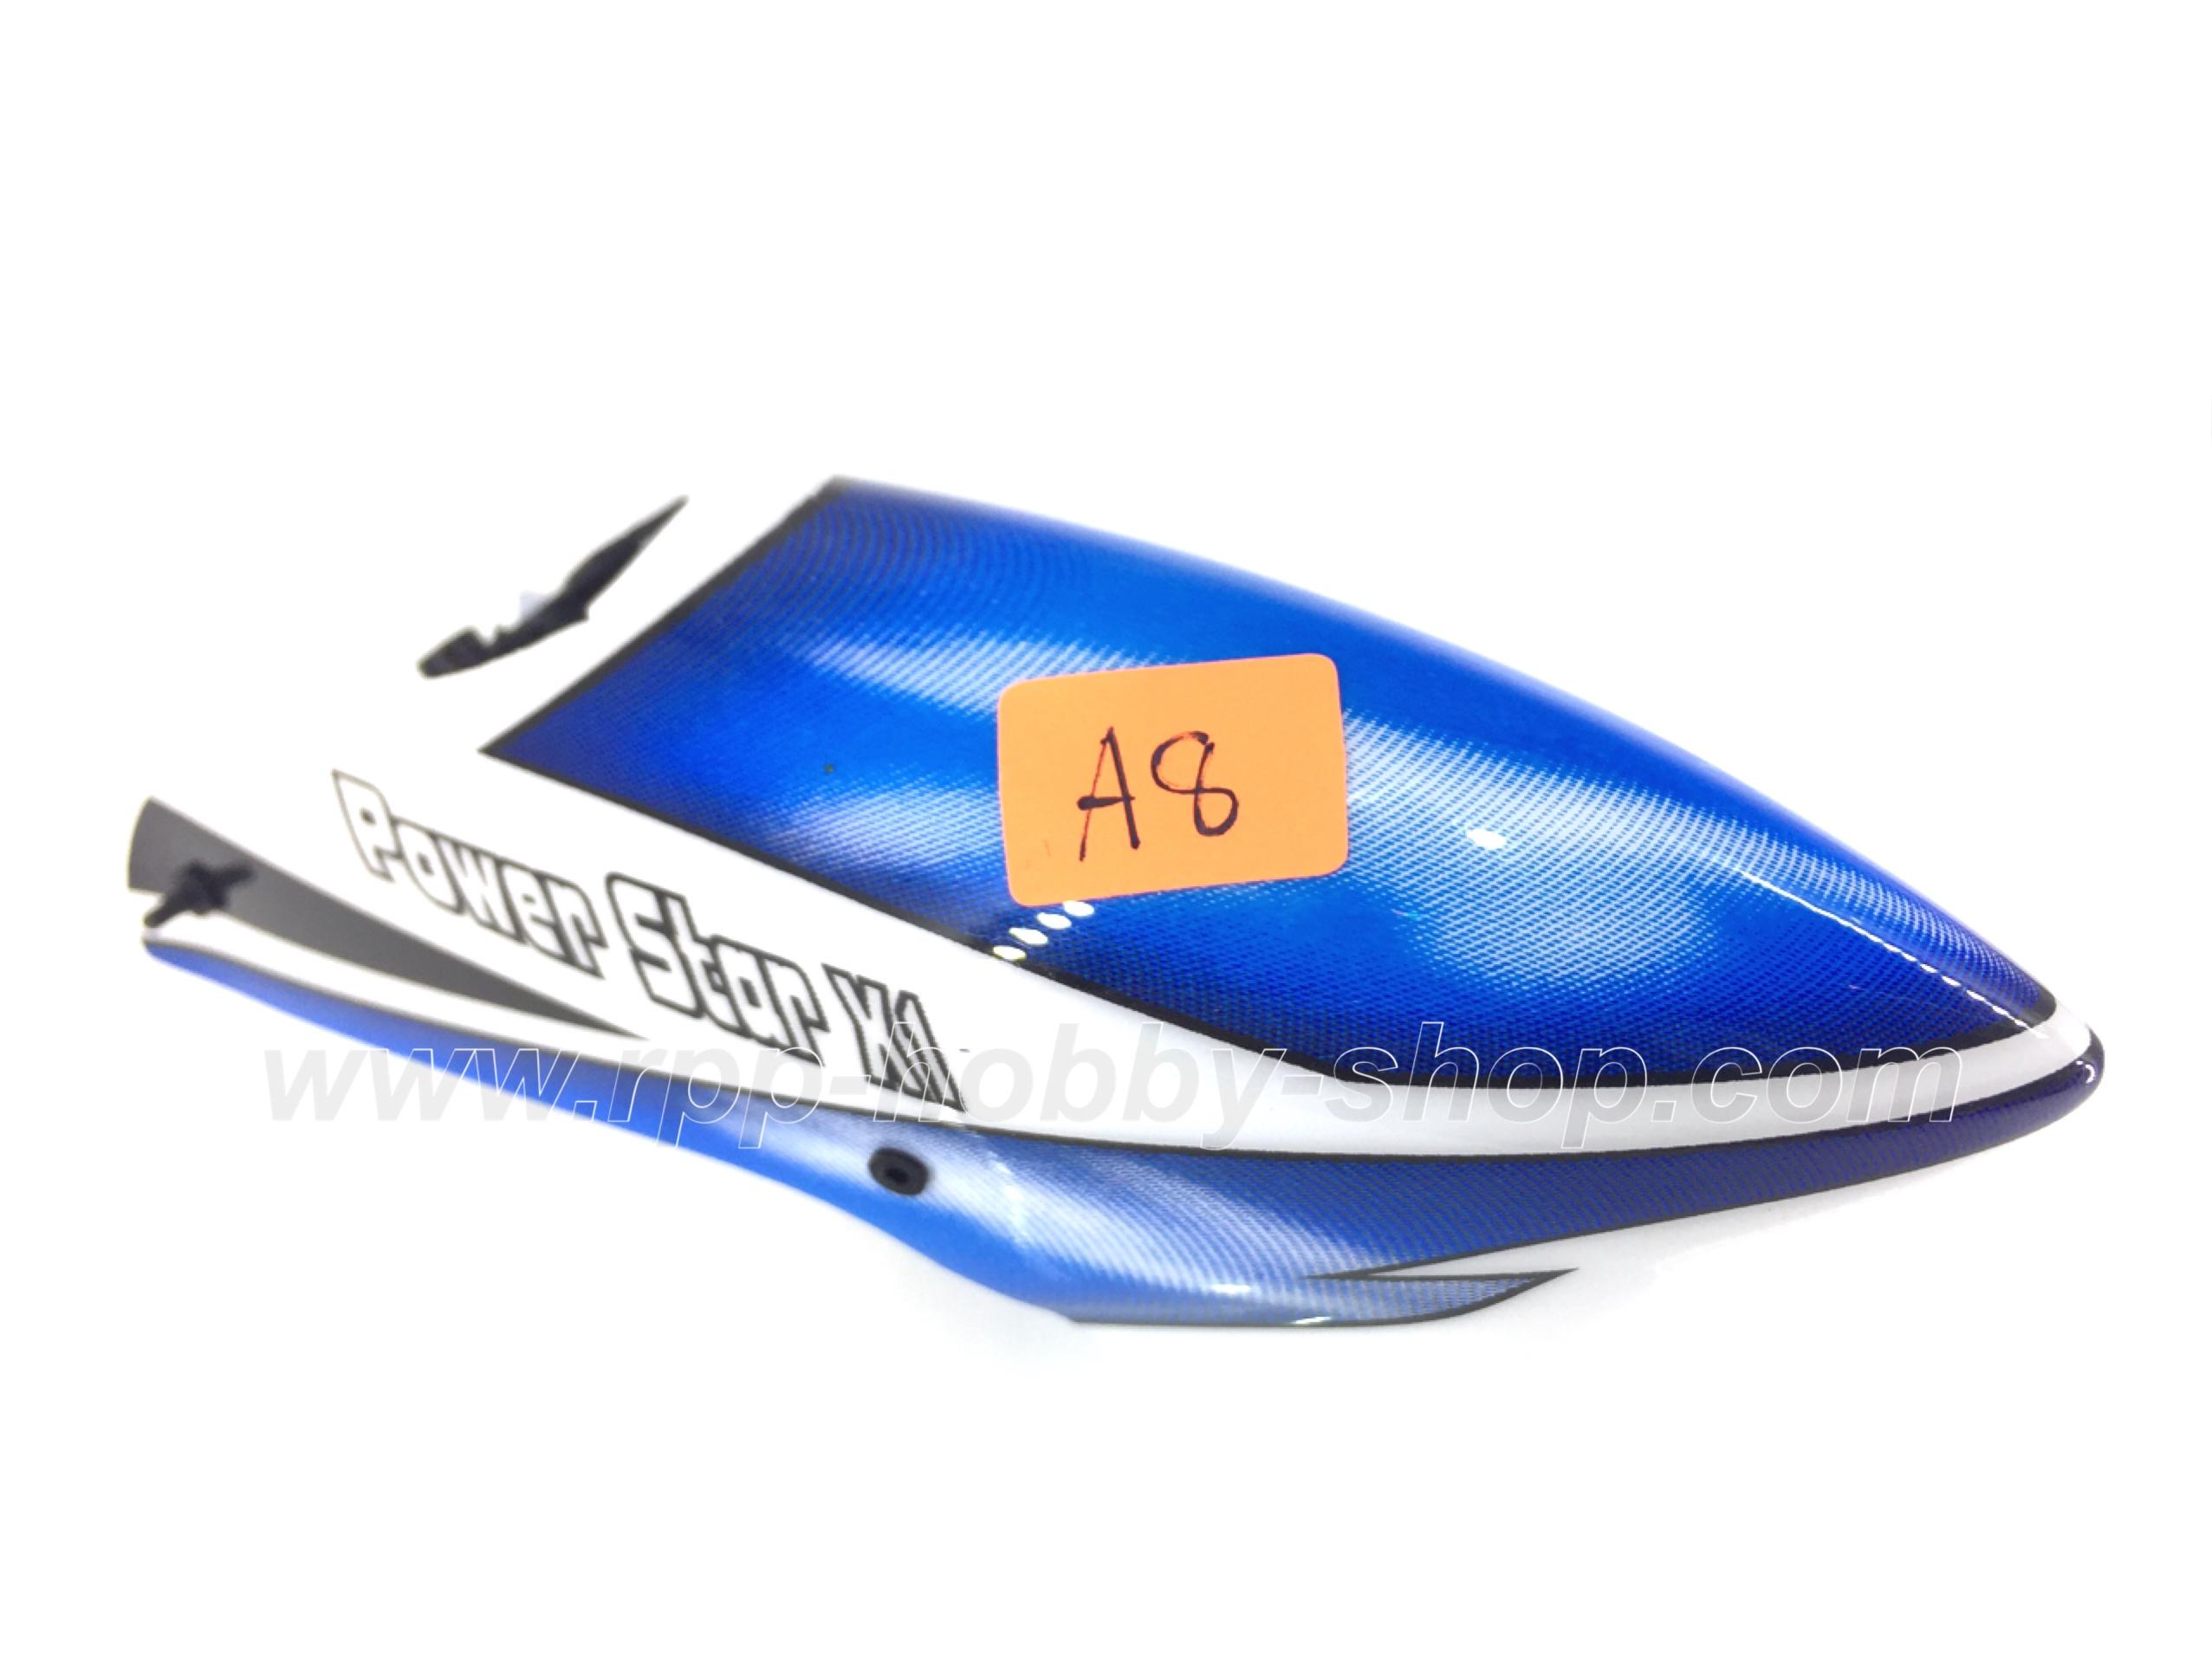 A-8 คานูปปี้สีน้ำเงิน : V977, V930, K110